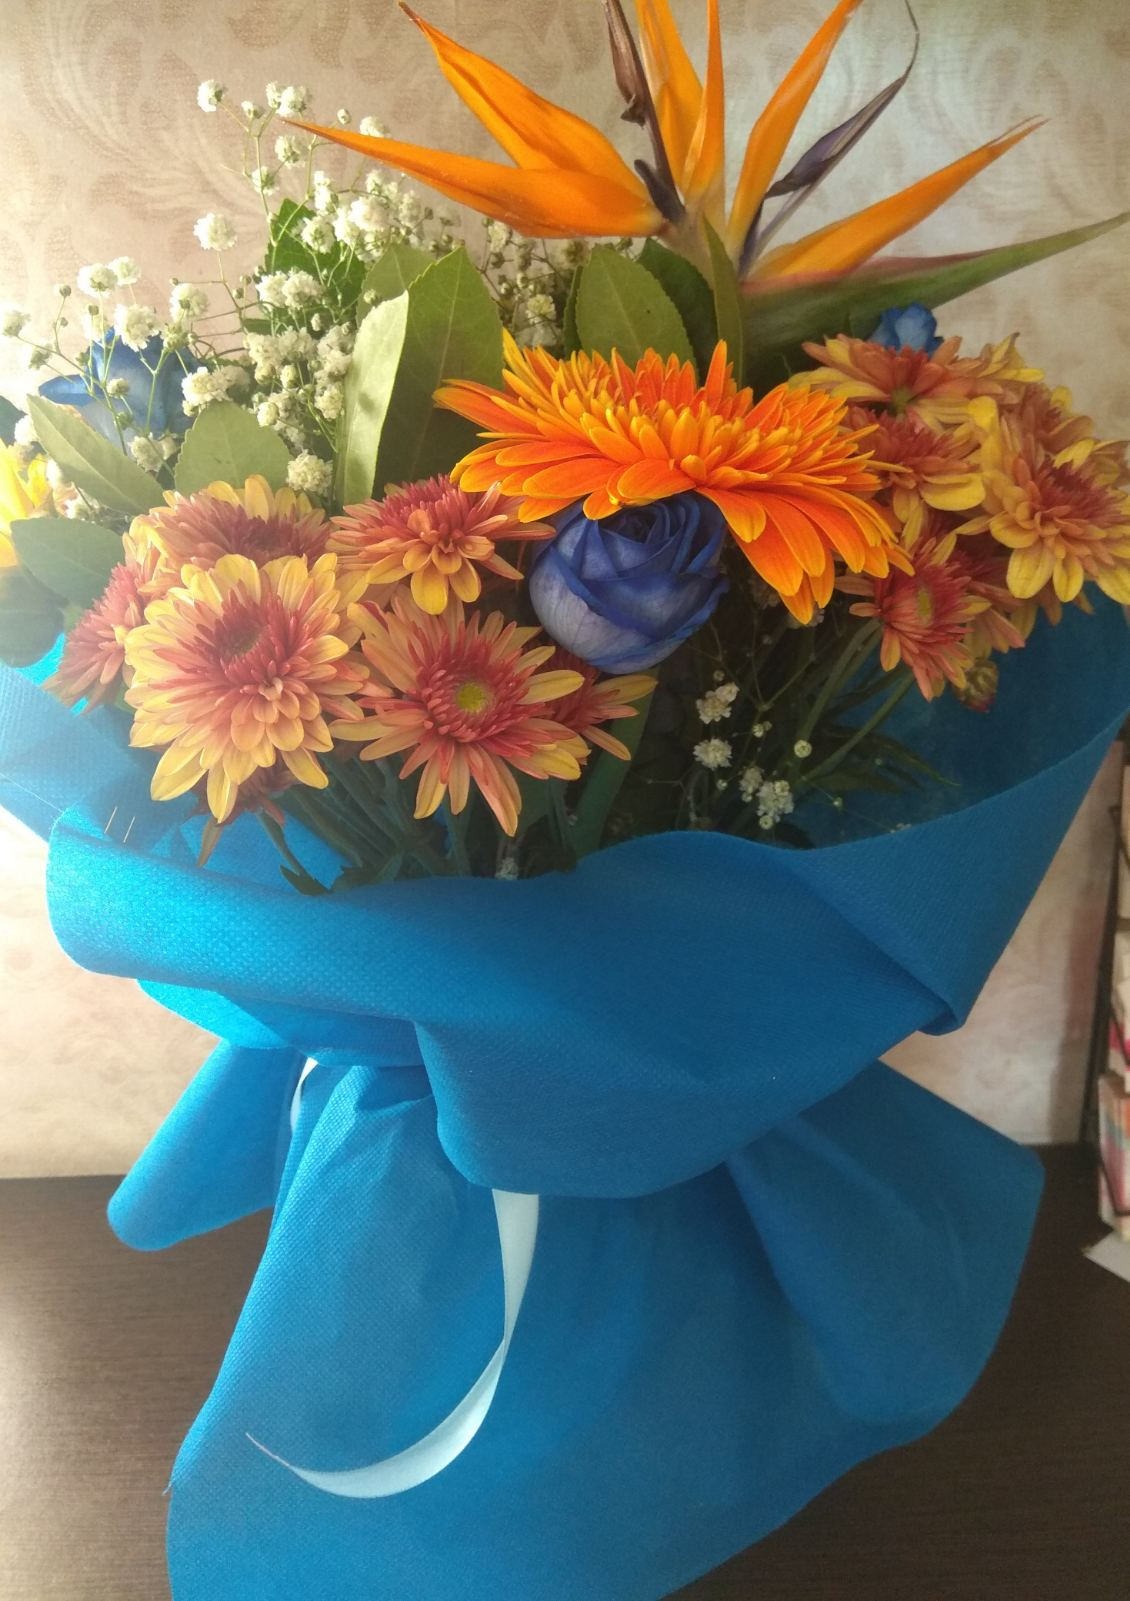 δίχρωμο μπουκέτο με μπλε και πορτοκαλί αποχρώσεις